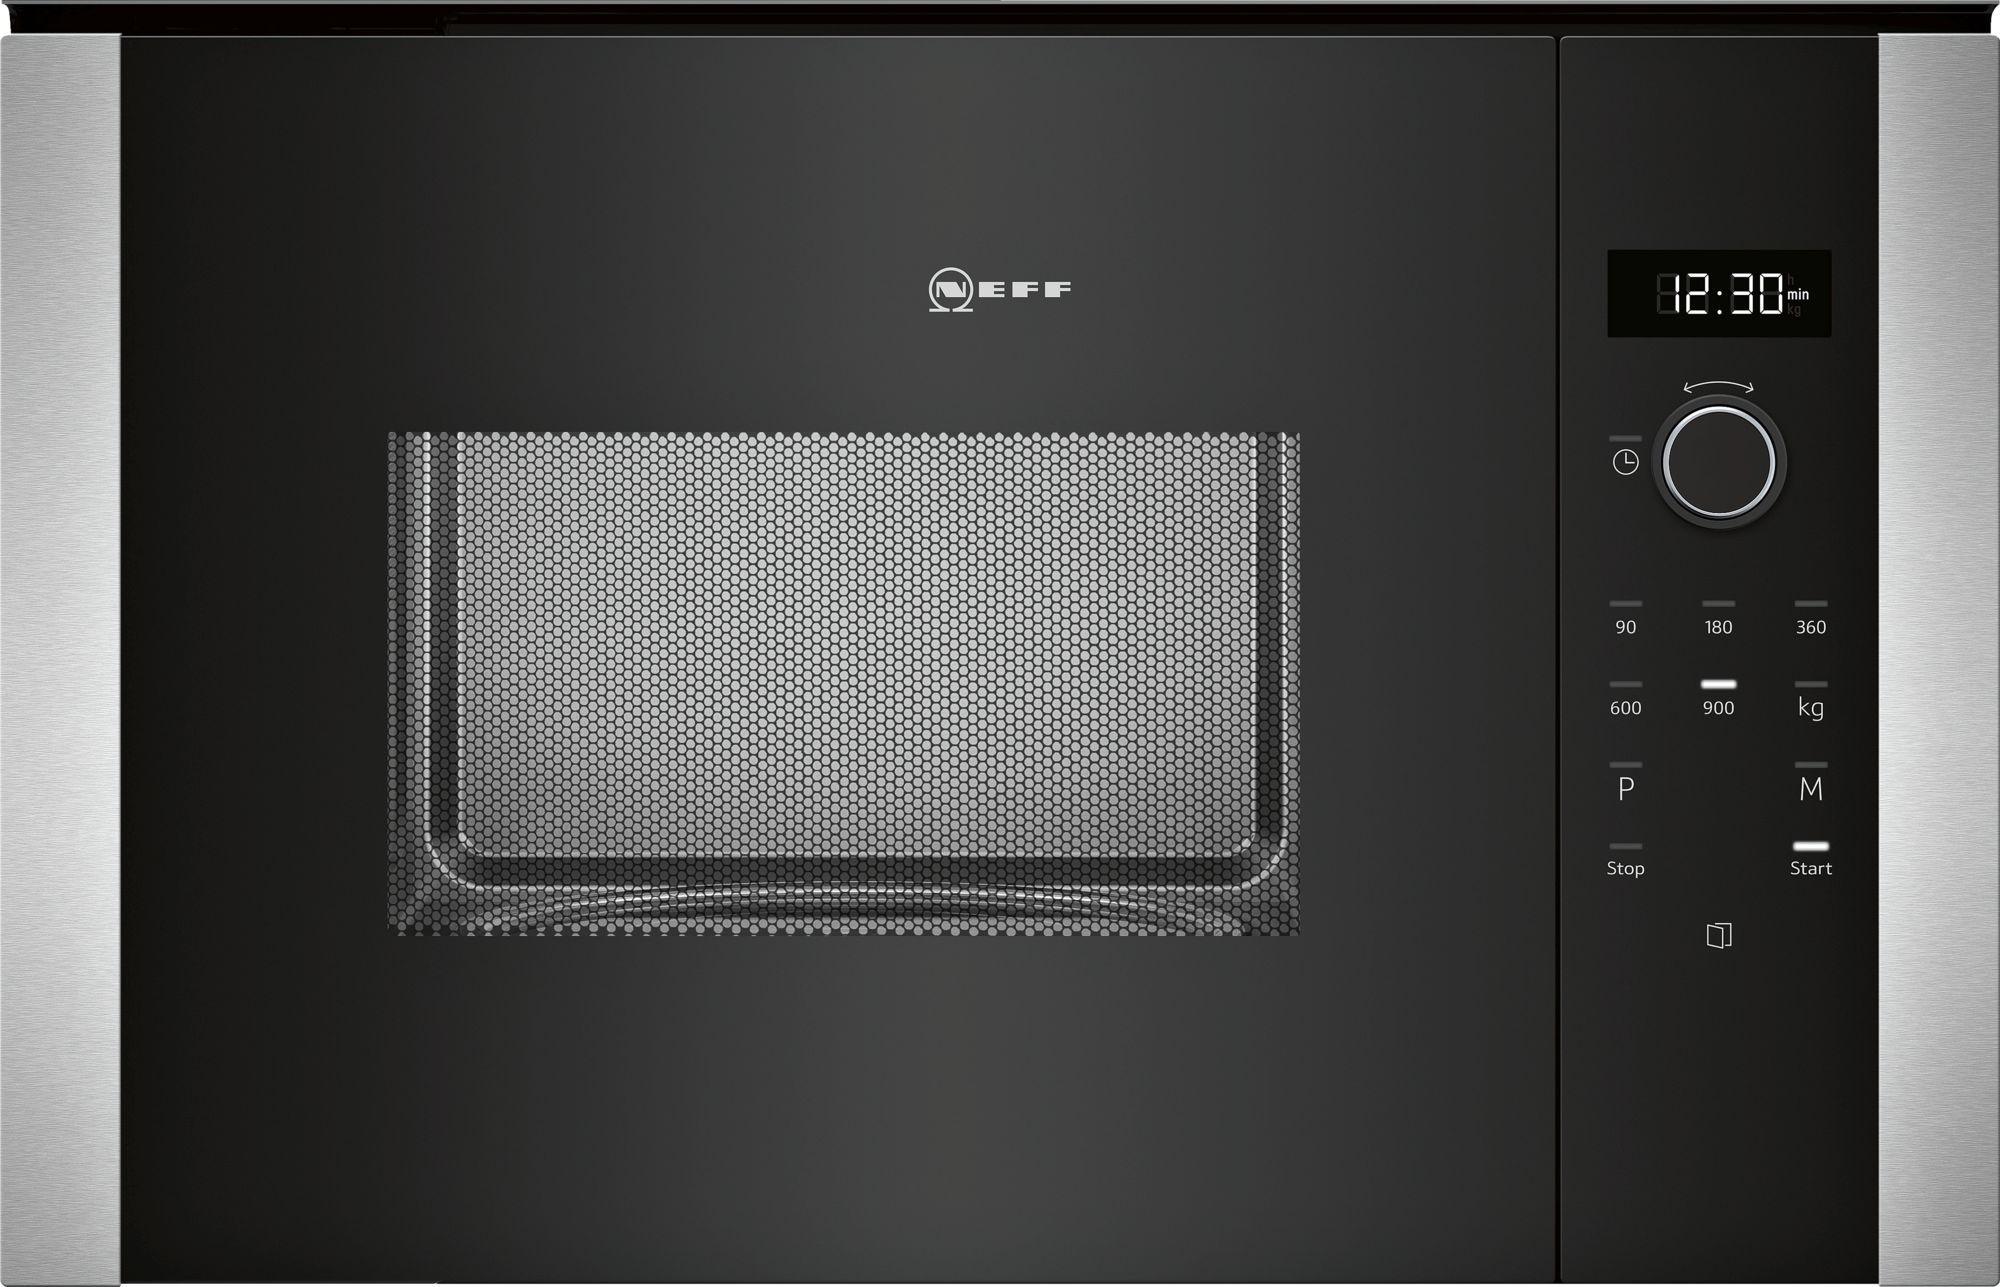 NEFF HLAWD53N0B Microwave